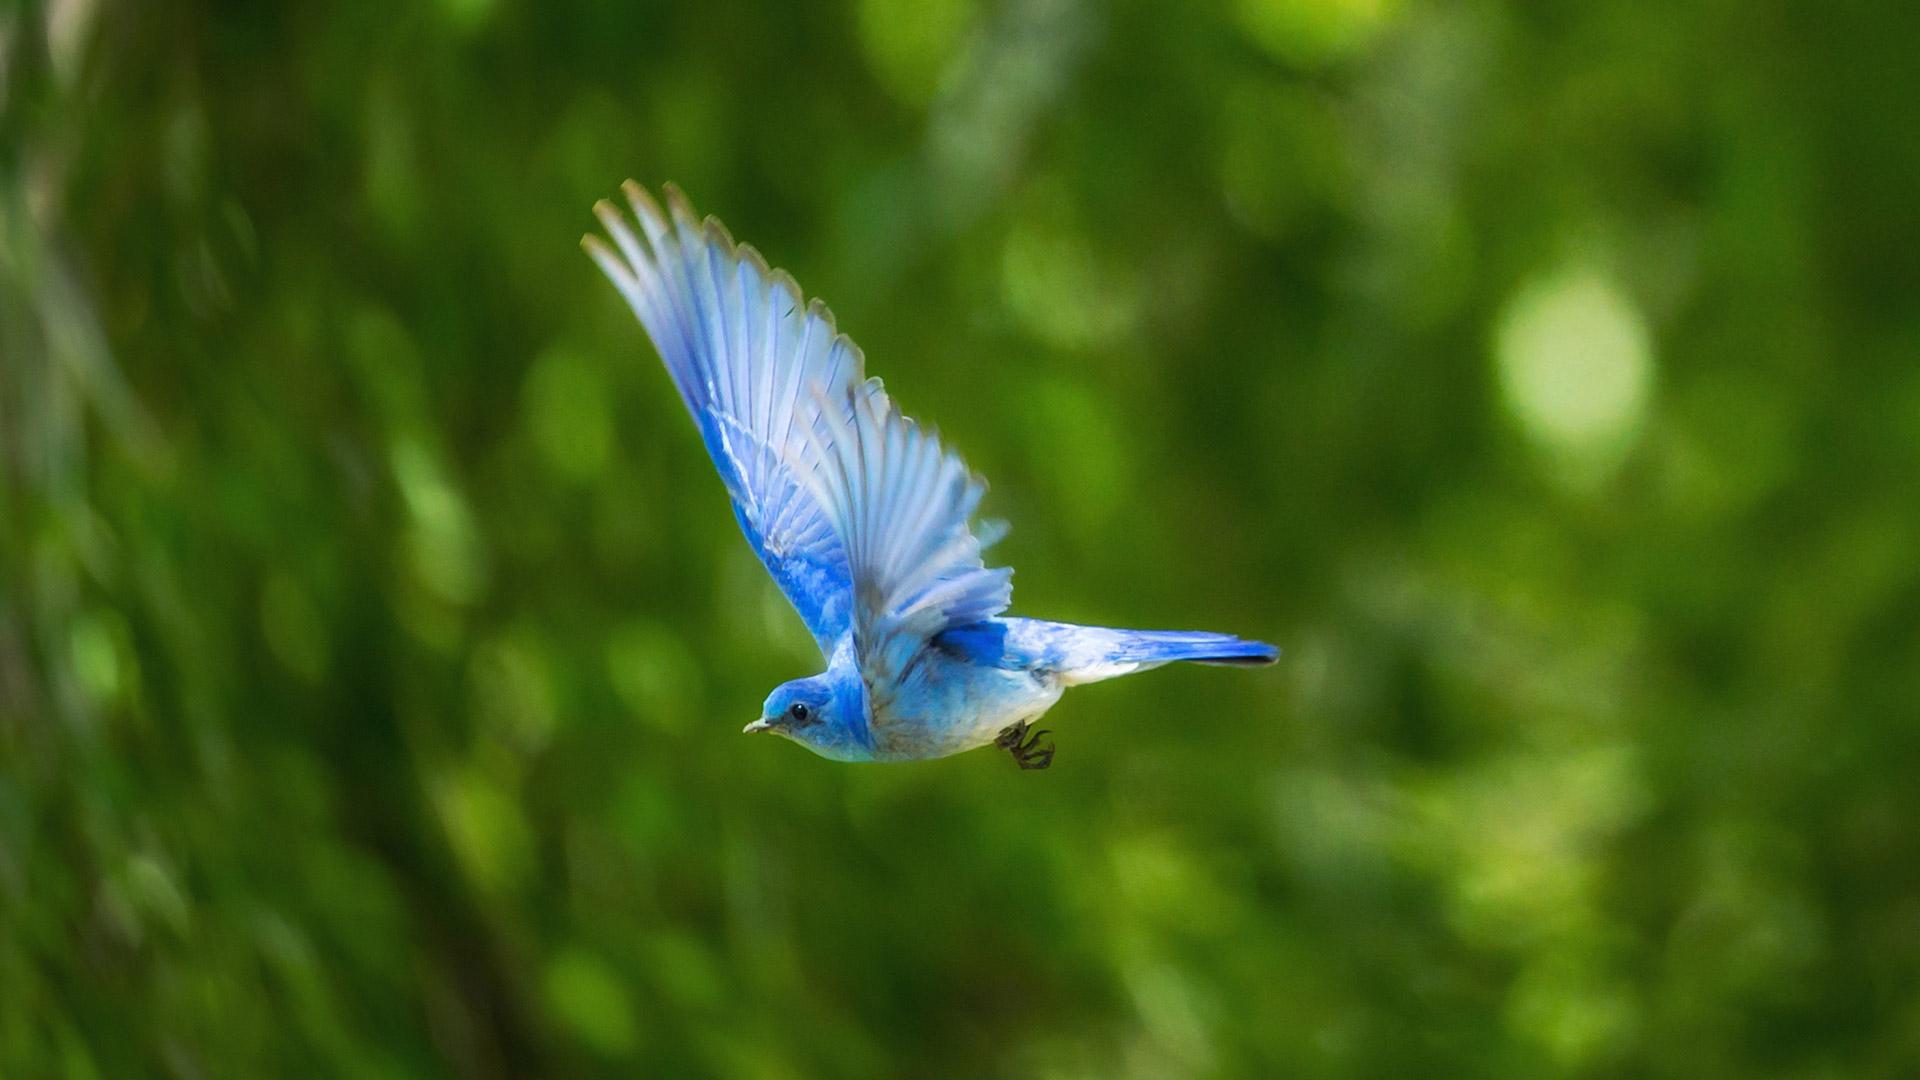 לא רק צמחוני, אלא גם פעיל מוקדם לשחרור ציפורים מכלובים